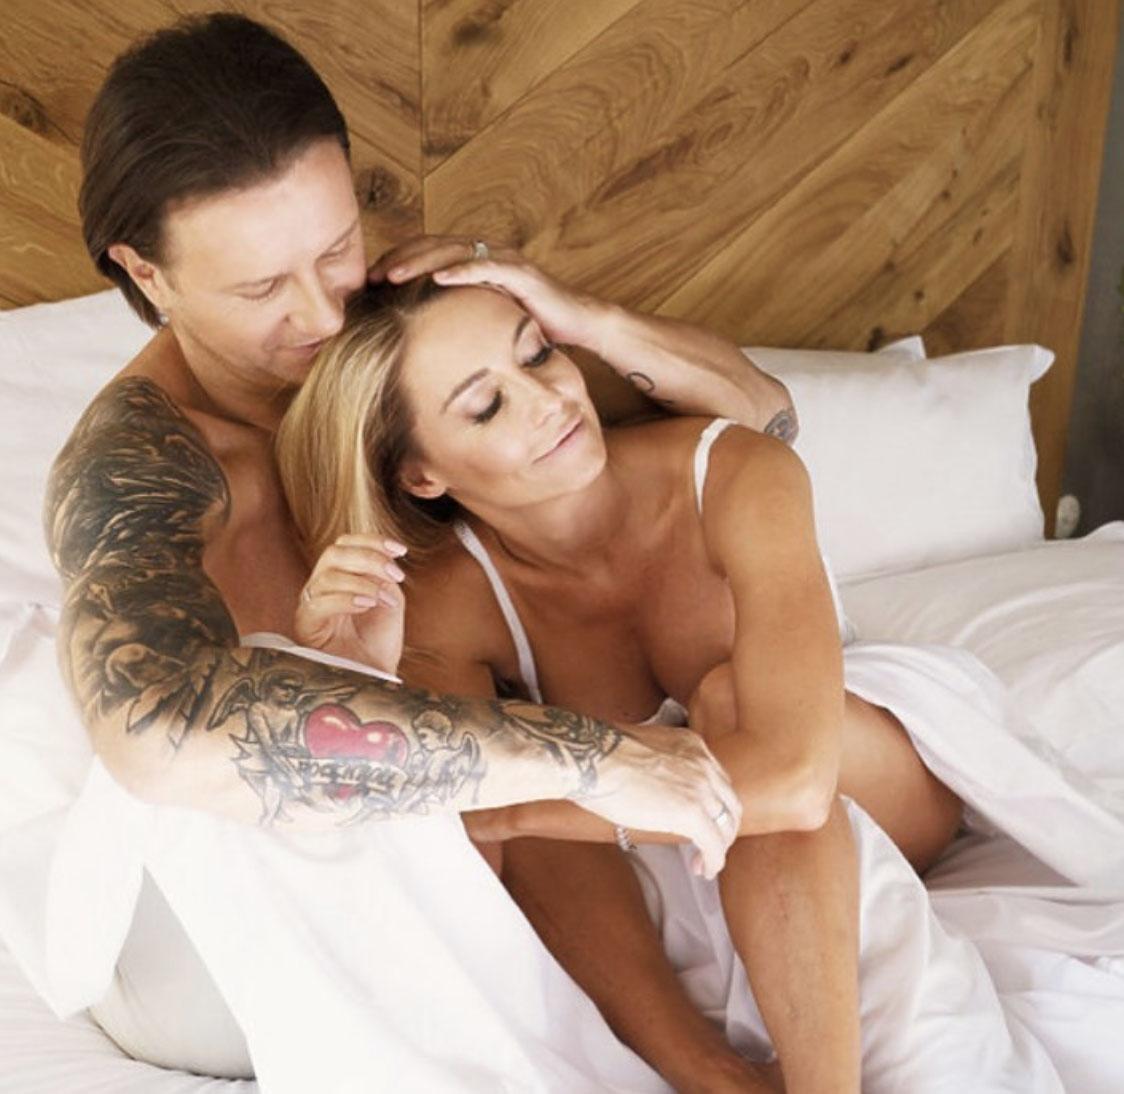 """Majdanowie pochwalili się zdjęciem z łóżka. Fani: """"Dodajcie foto spod prysznica"""""""